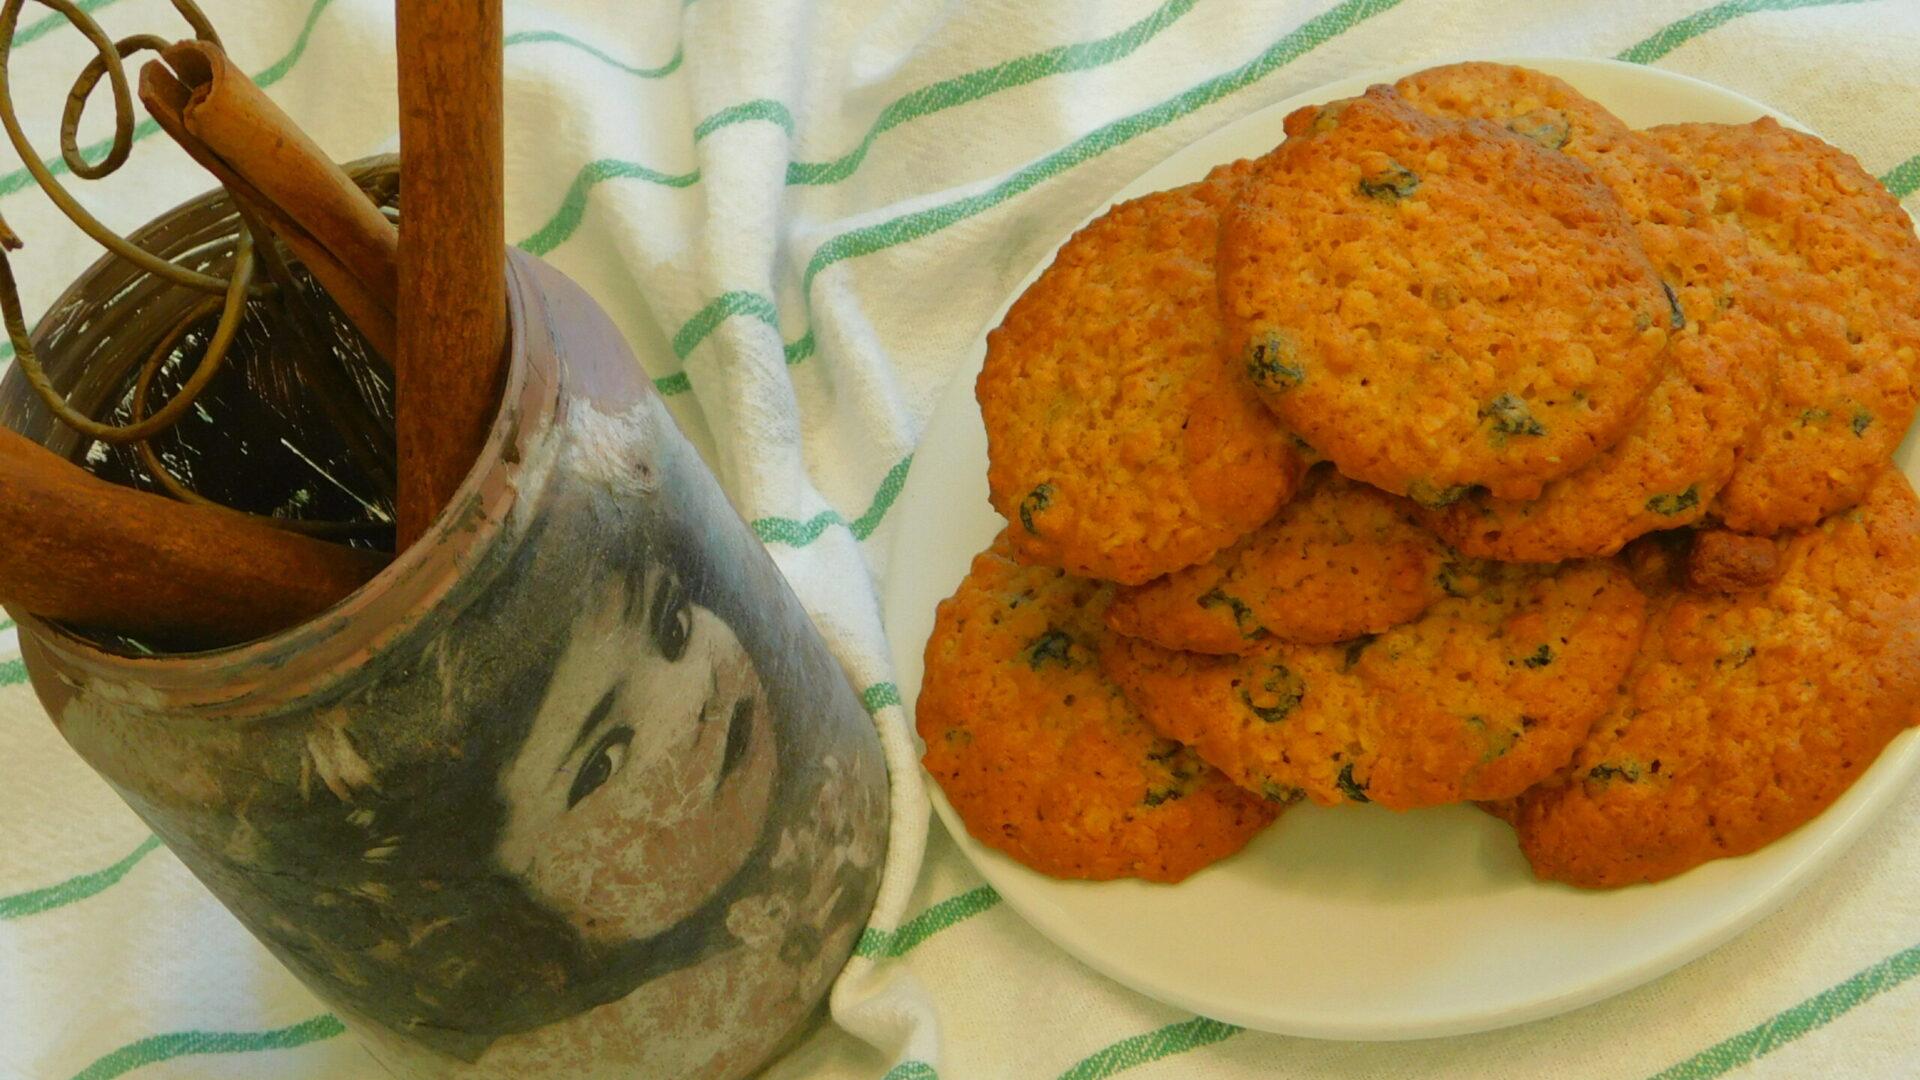 μπισκότα βρώμης με συνταγή του σεφ μας στην μοναδα φροντιδας ηλικιωμένων Παπαδοπούλειον